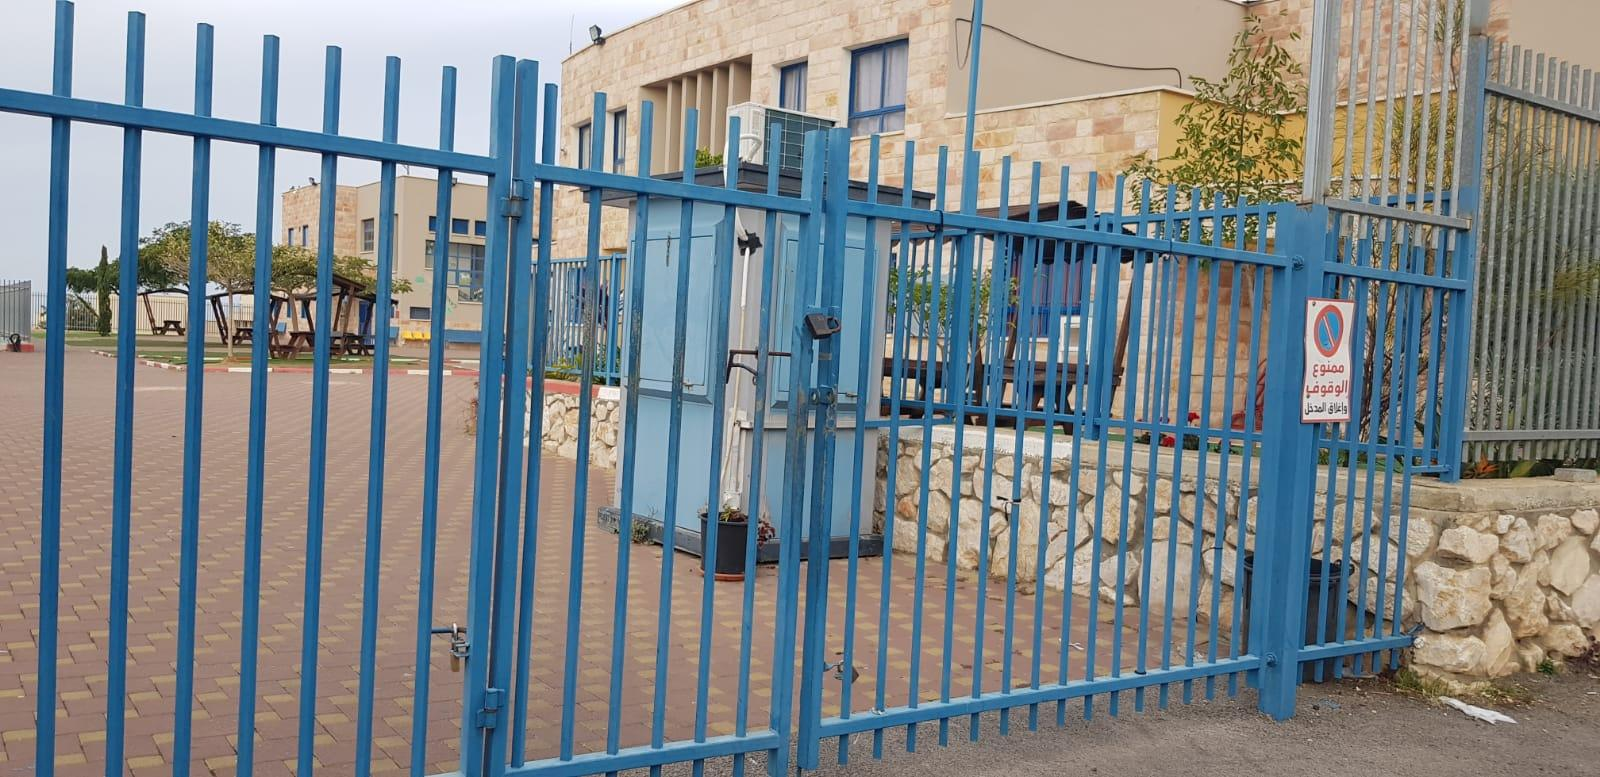 طمرة: إضراب التعليم فوق الابتدائي إثر اعتداء طالب على مرب